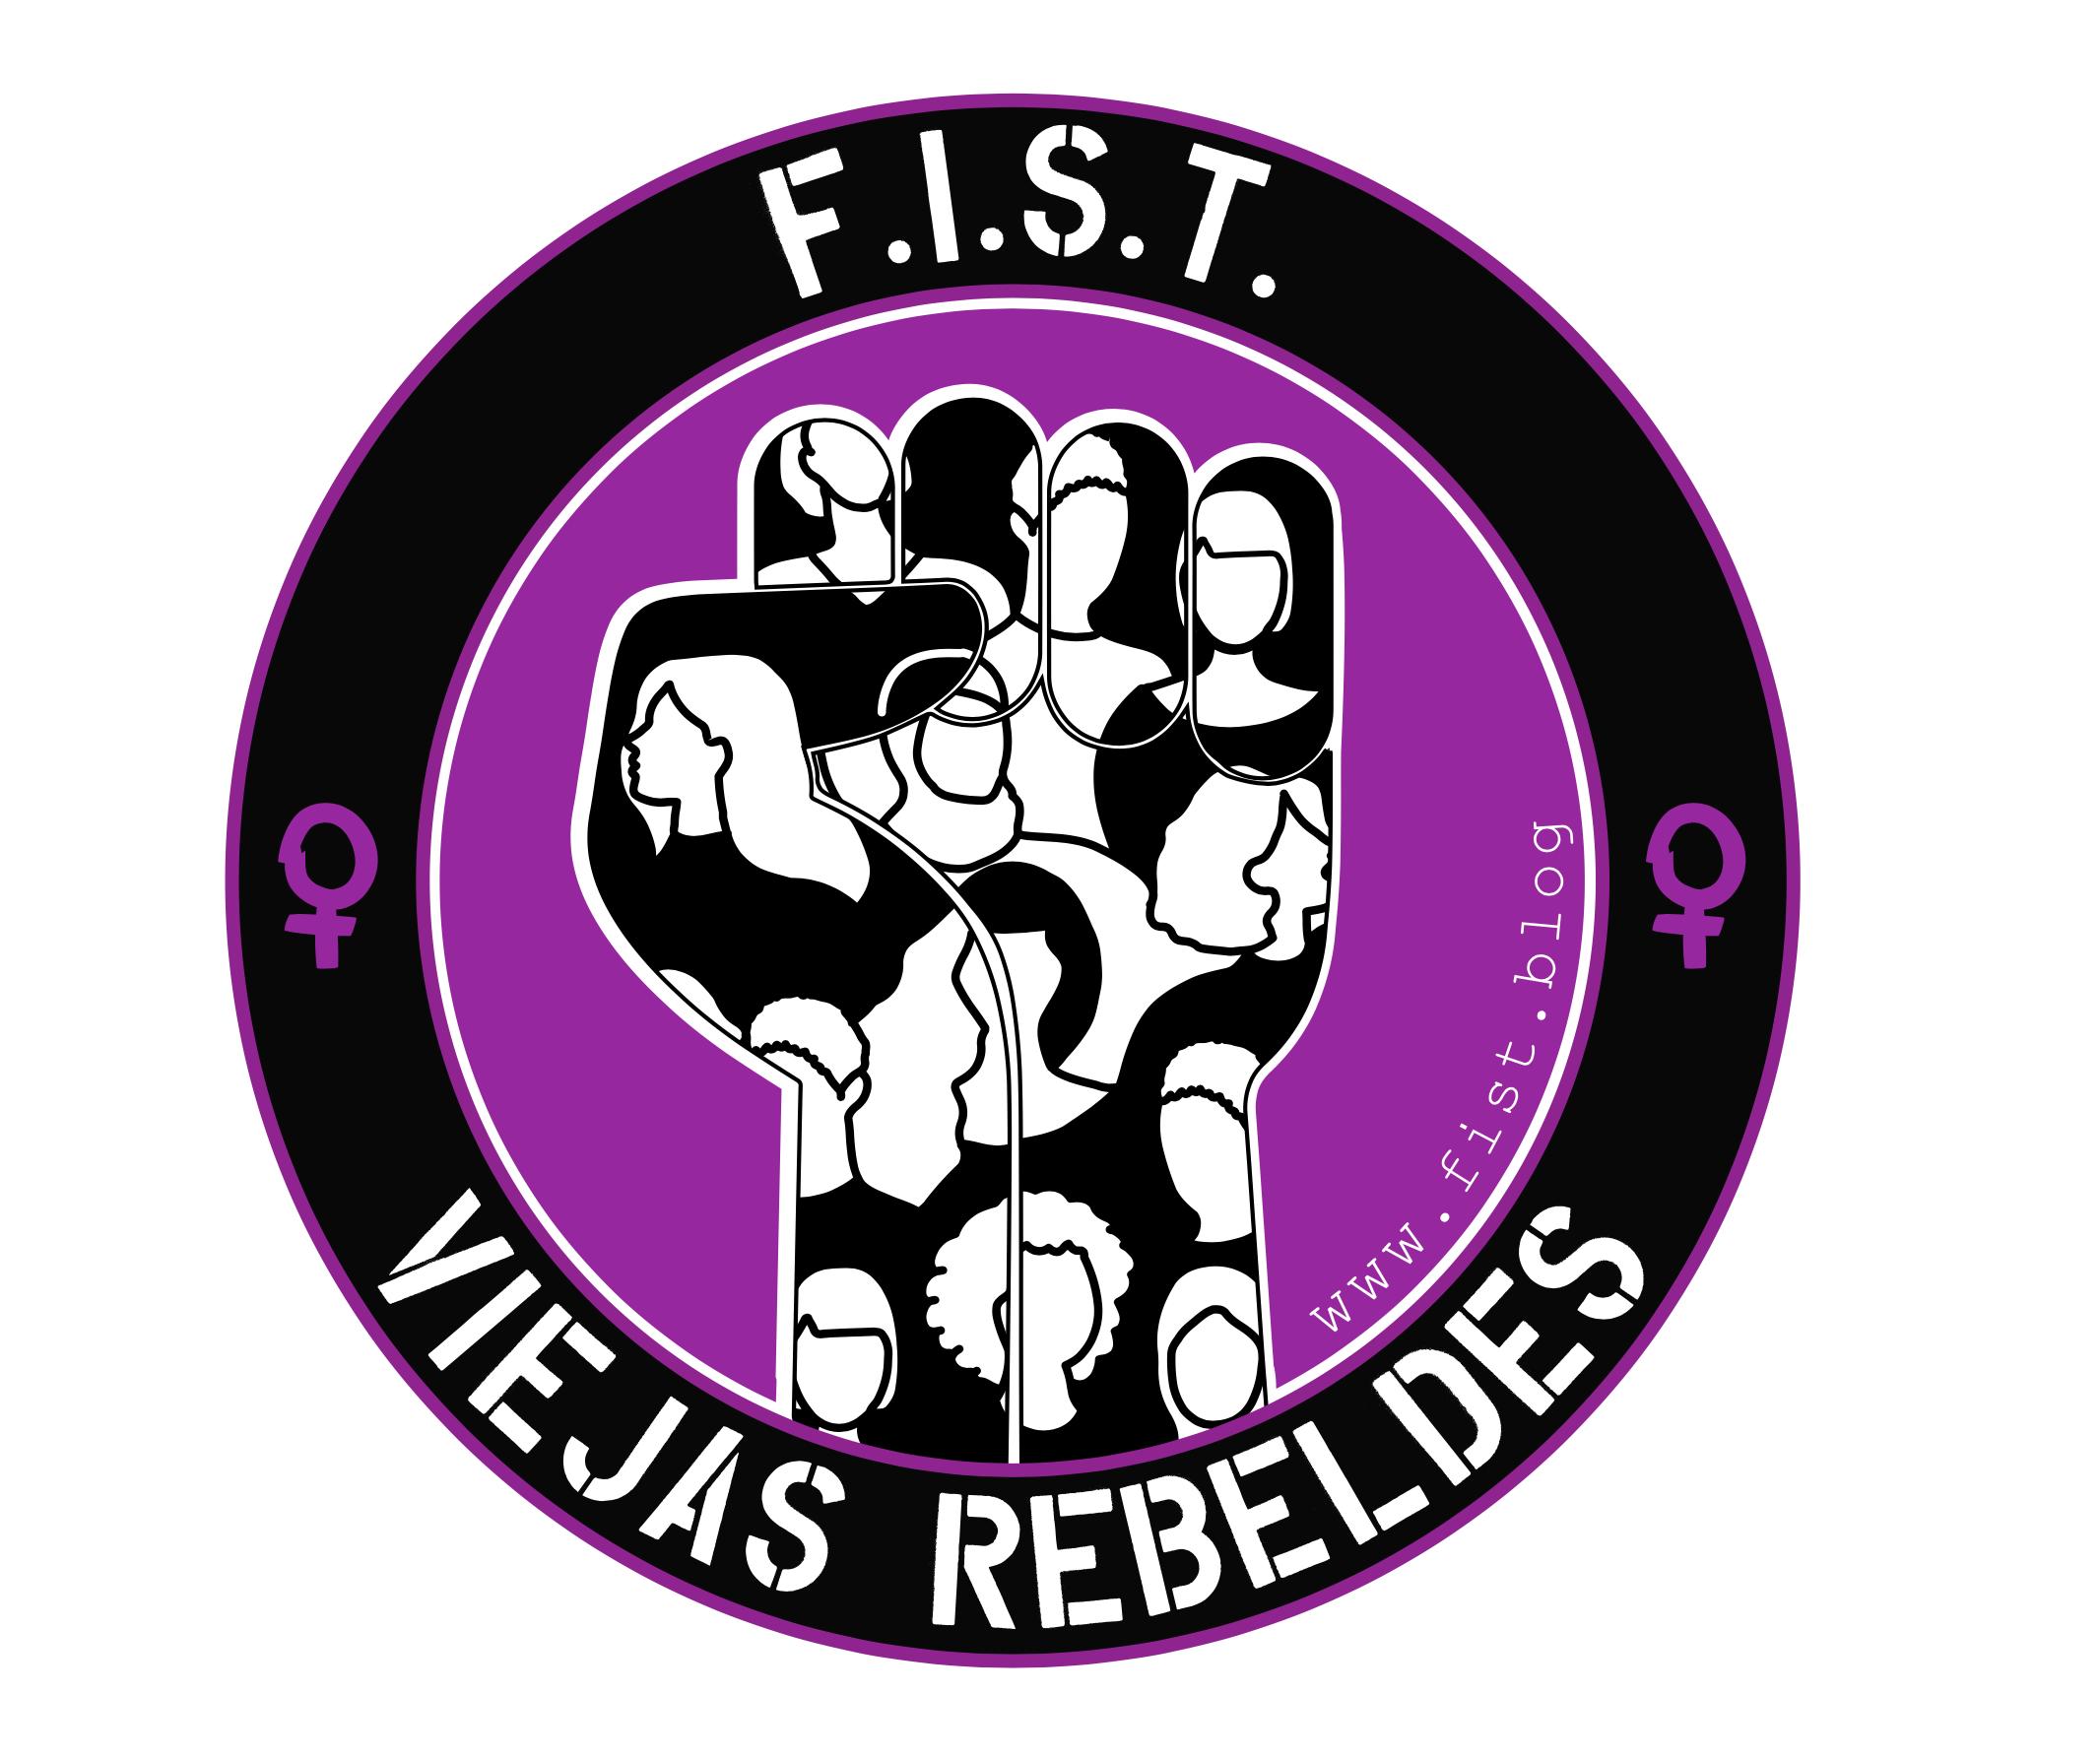 Faust in Kreis, gefüllt mit figuren auf violettem Hintergrund darüber steht F.I.S.T. darunter Viejas rebeldes